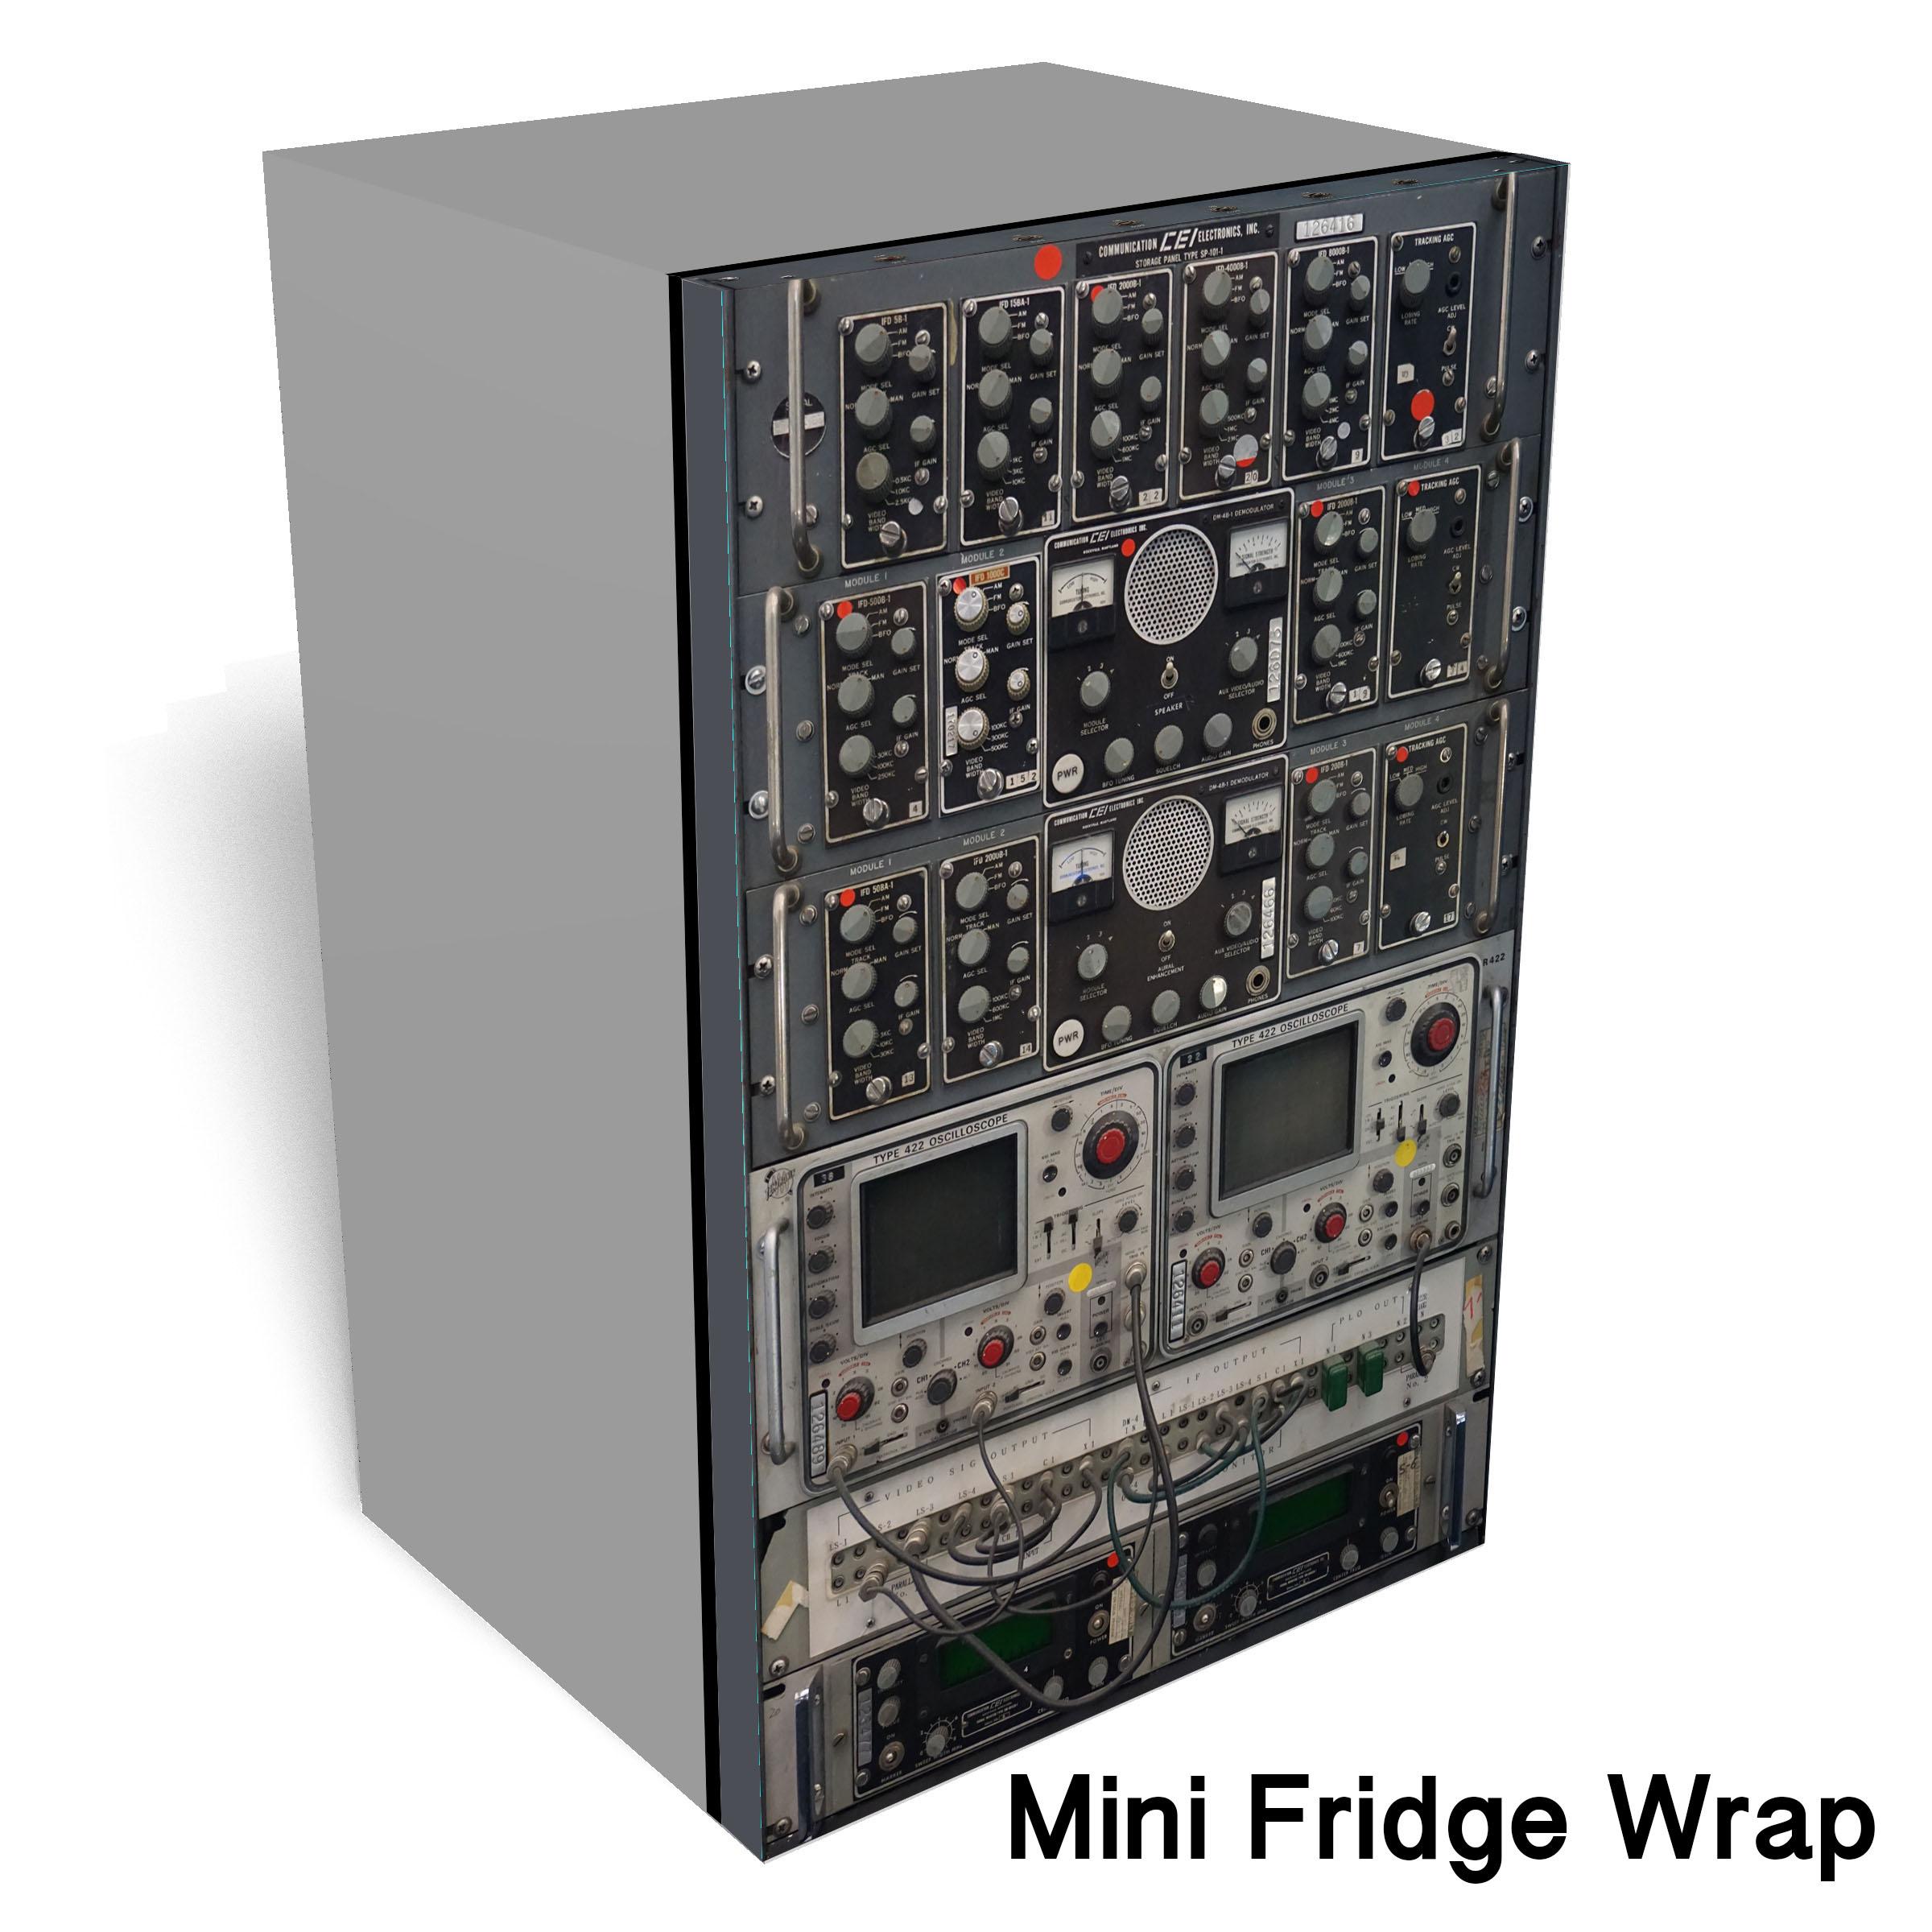 oscilloscope 2 Mini fridge wrap2